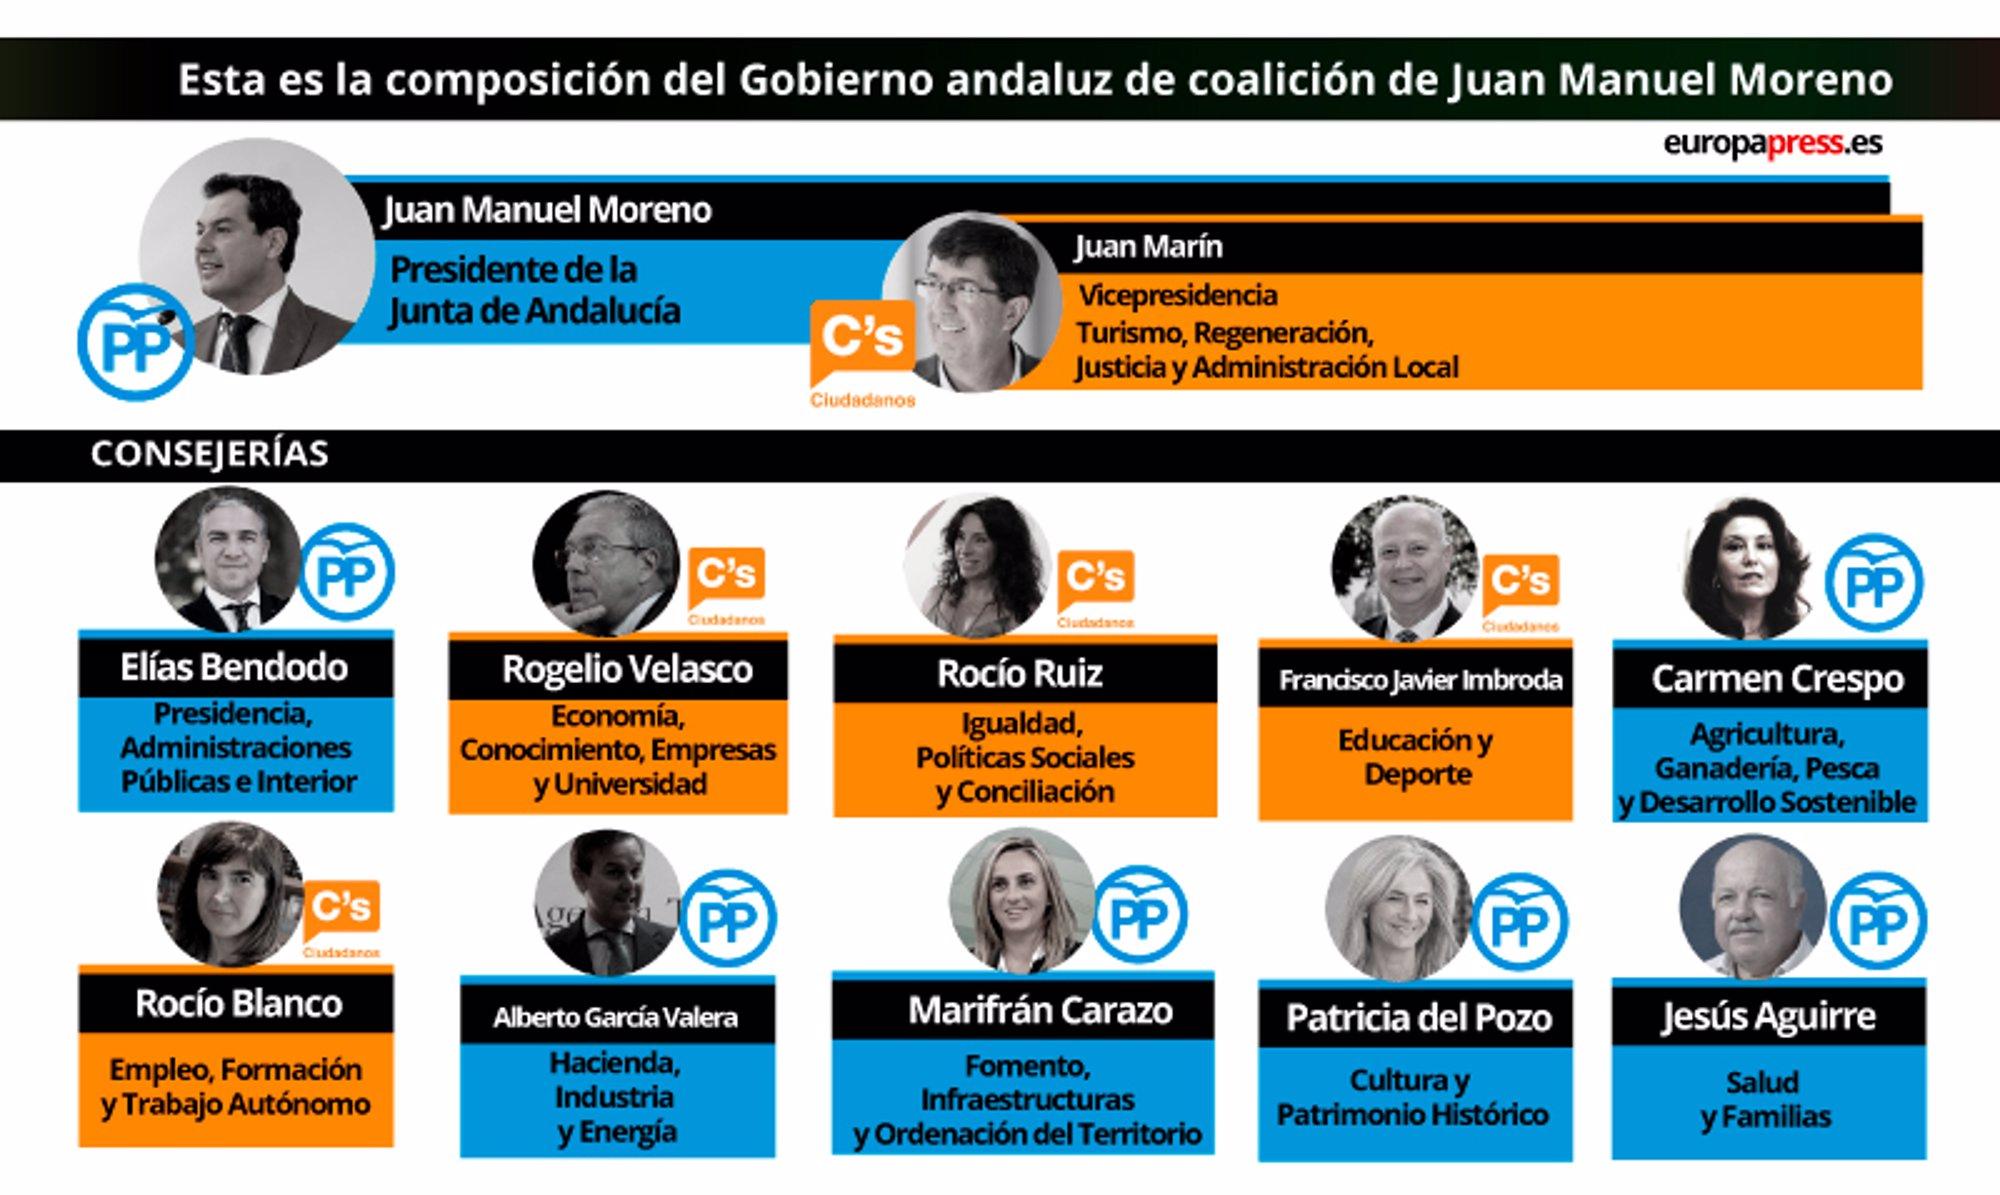 Juanma Moreno anuncia la composición del nuevo Gobierno andaluz